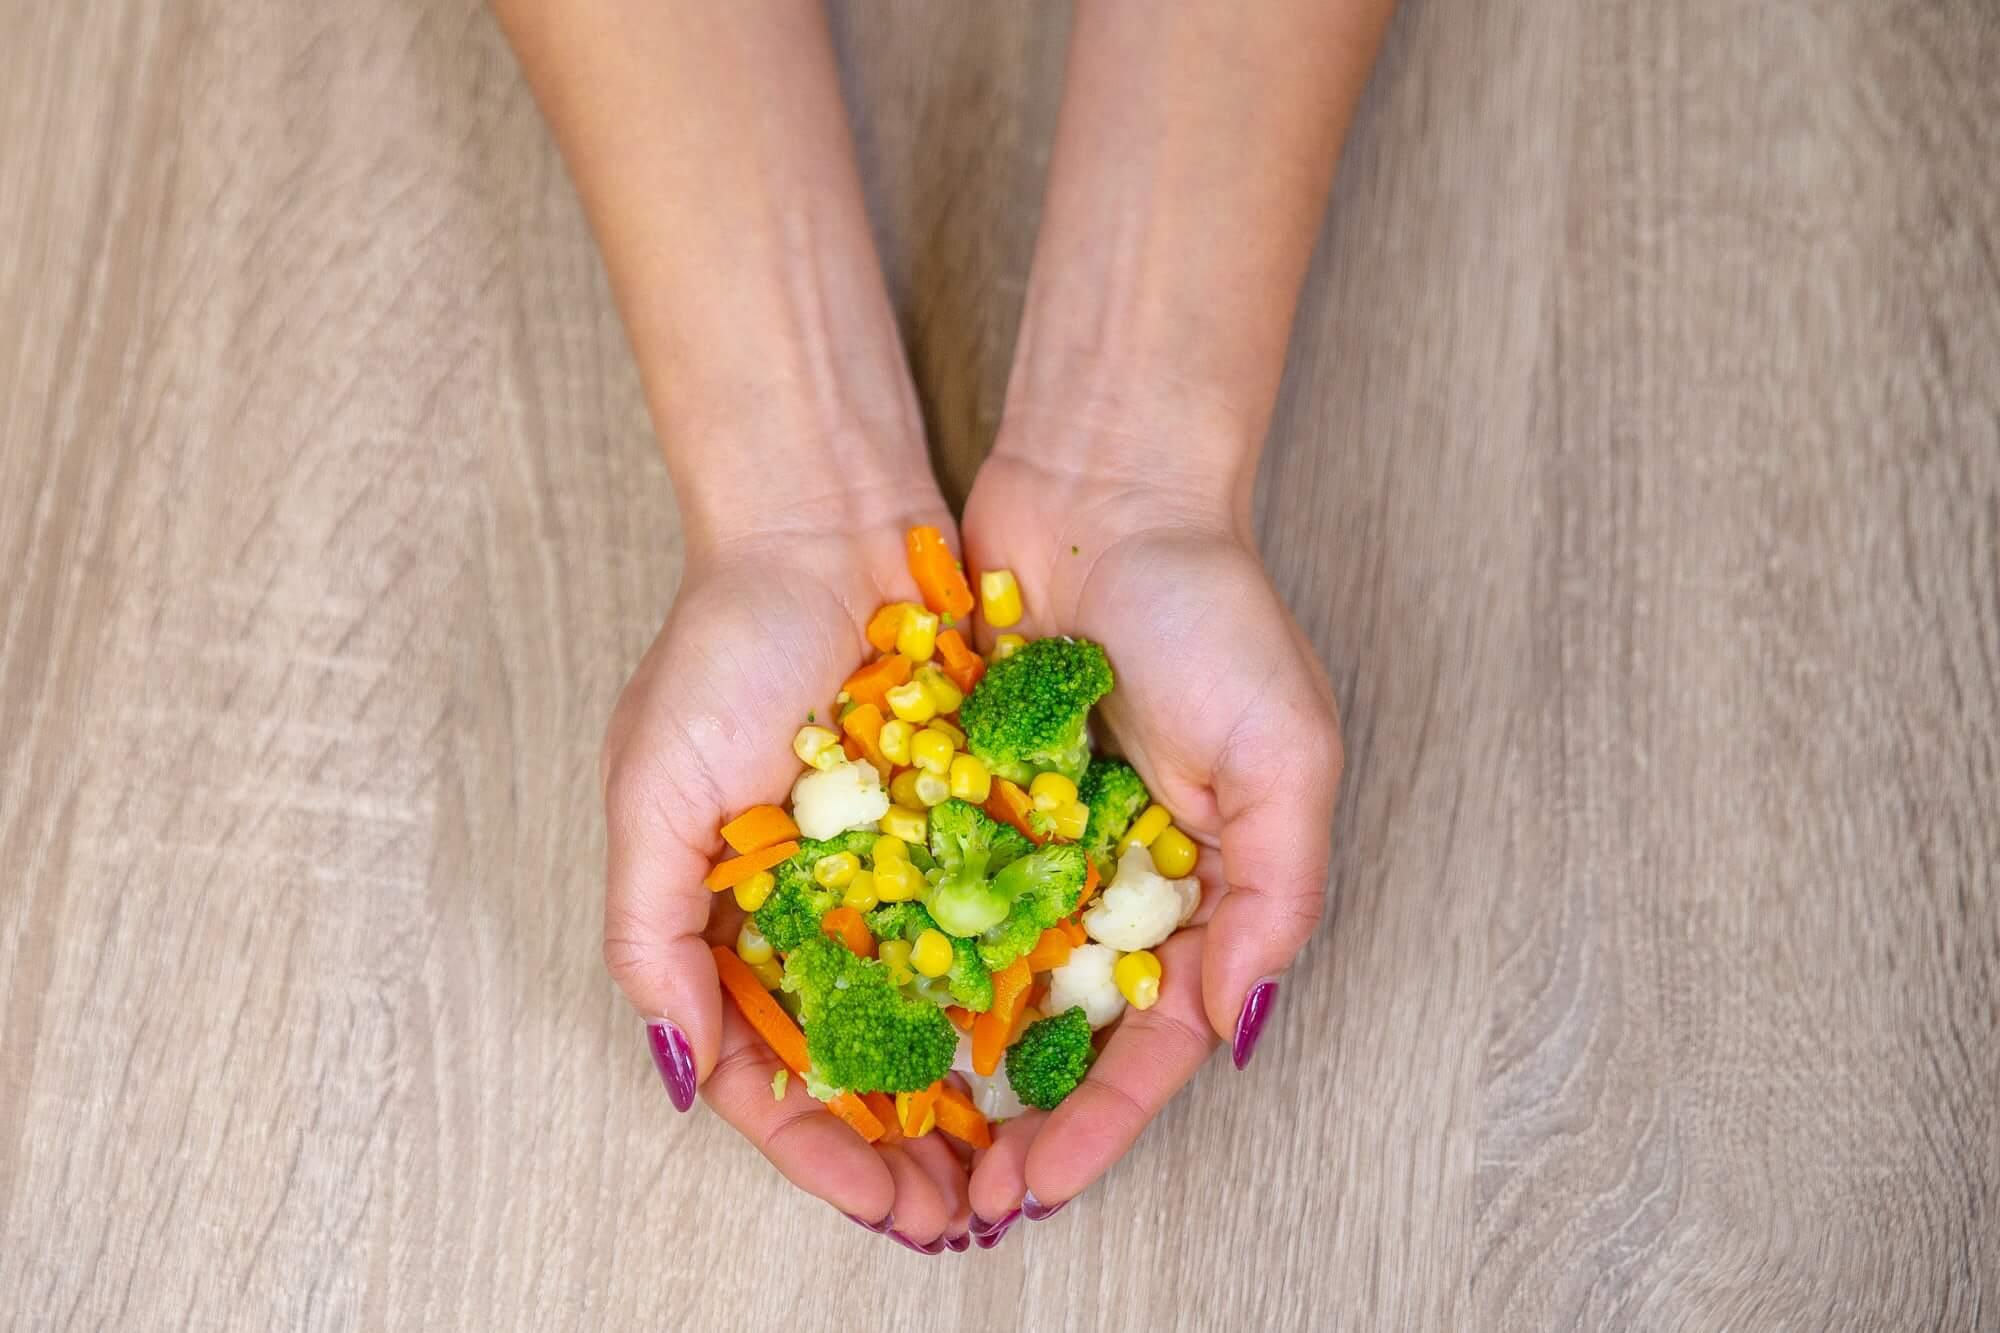 Uma porção de legumes e verduras